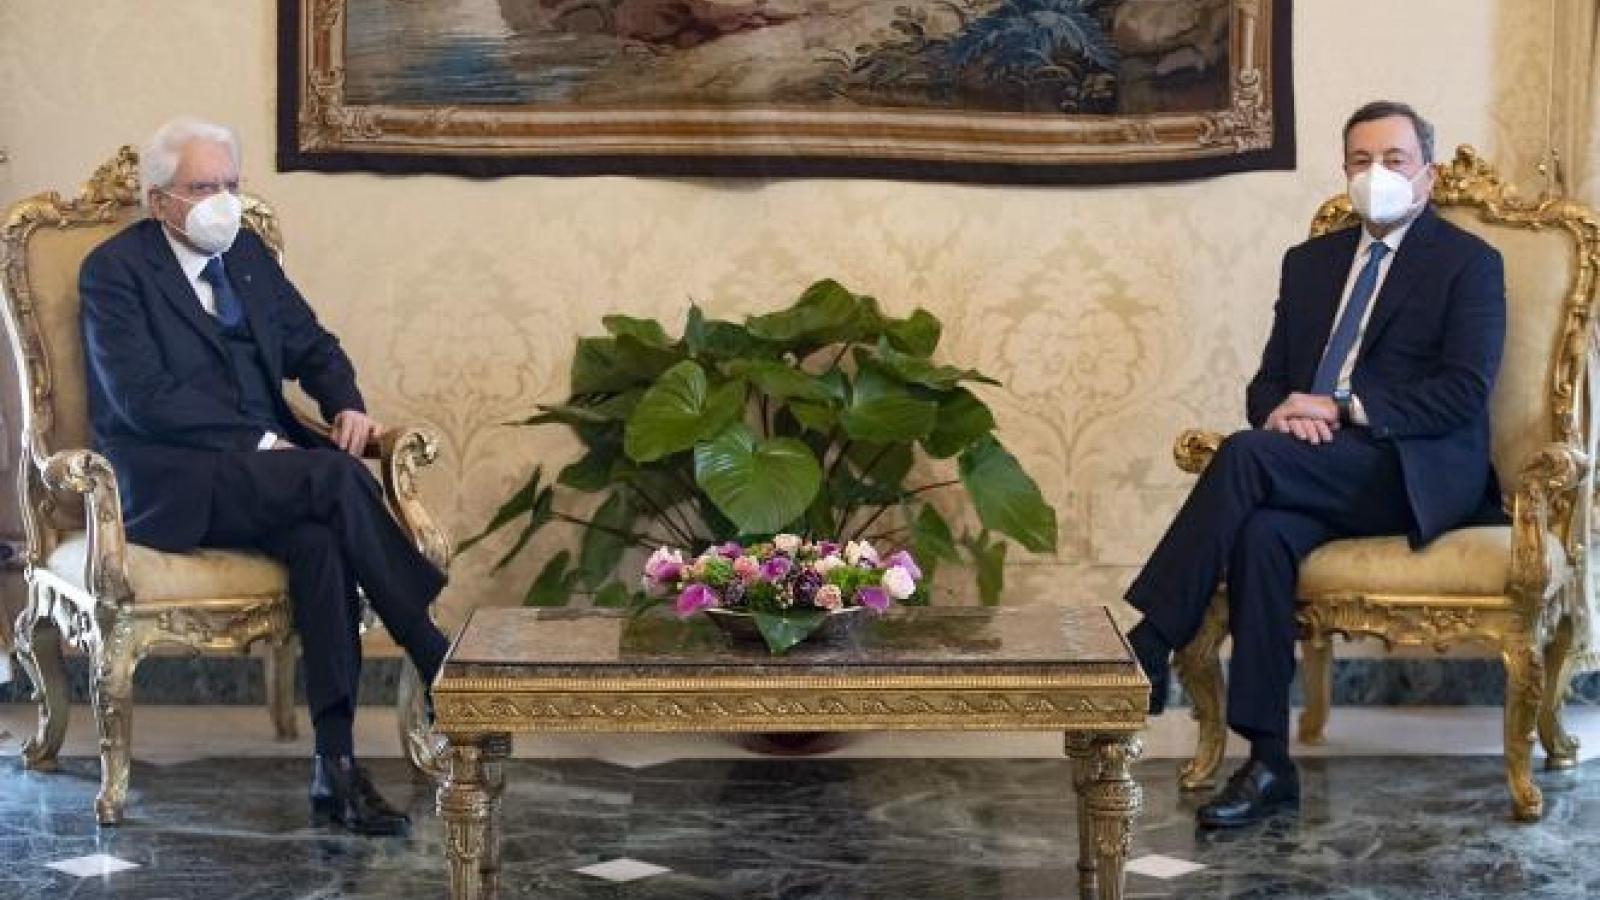 Cựu Chủ tịch Ngân hàng Trung ương châu Âu được giao lập chính phủ mới tại Italy